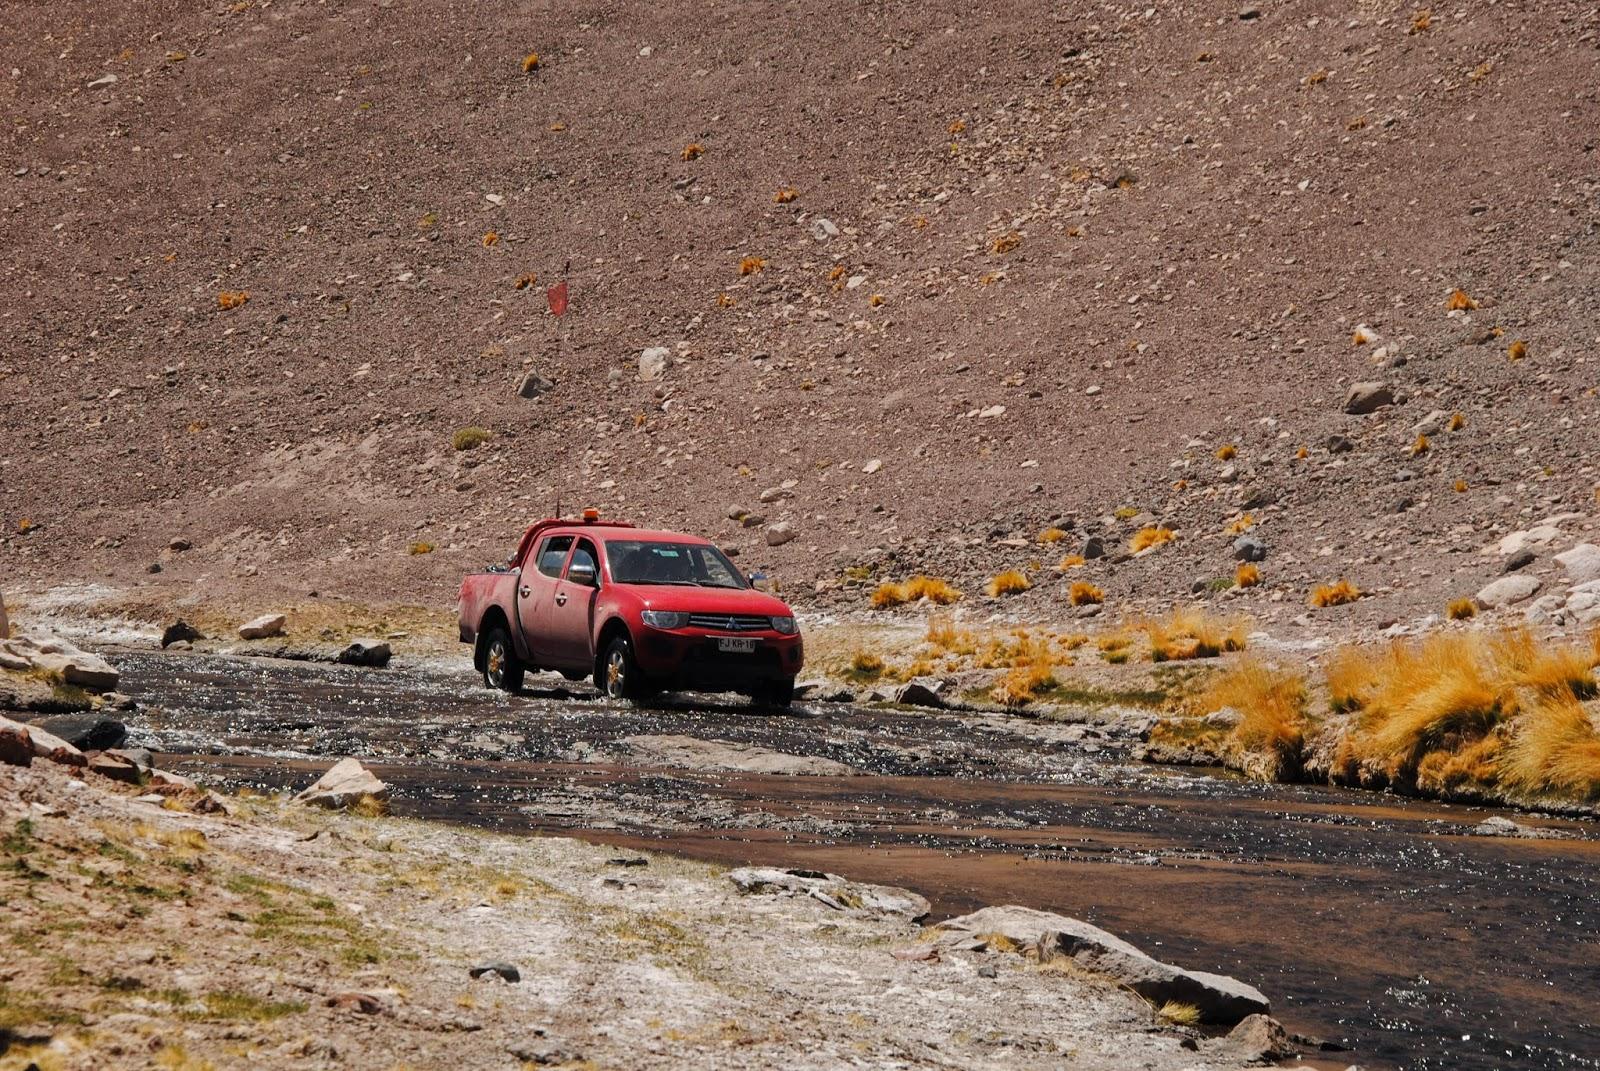 Remontée de la rivière Aguas Negras en 4x4 - Chili